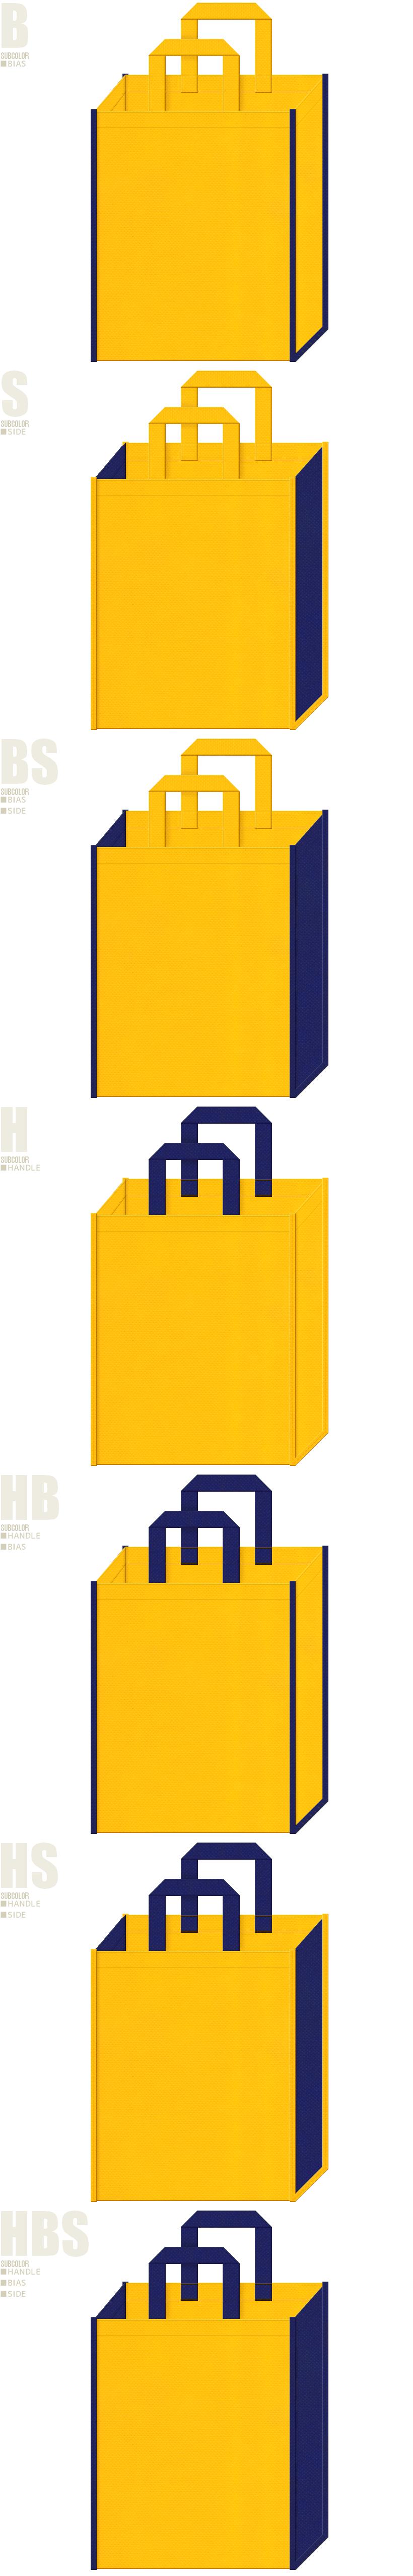 電気・通信・アウトドア・キャンプ用品にお奨めの不織布バッグデザイン:黄色と明るい紺色の不織布バッグ配色7パターン。緑色の印刷でブラジル風配色にも。